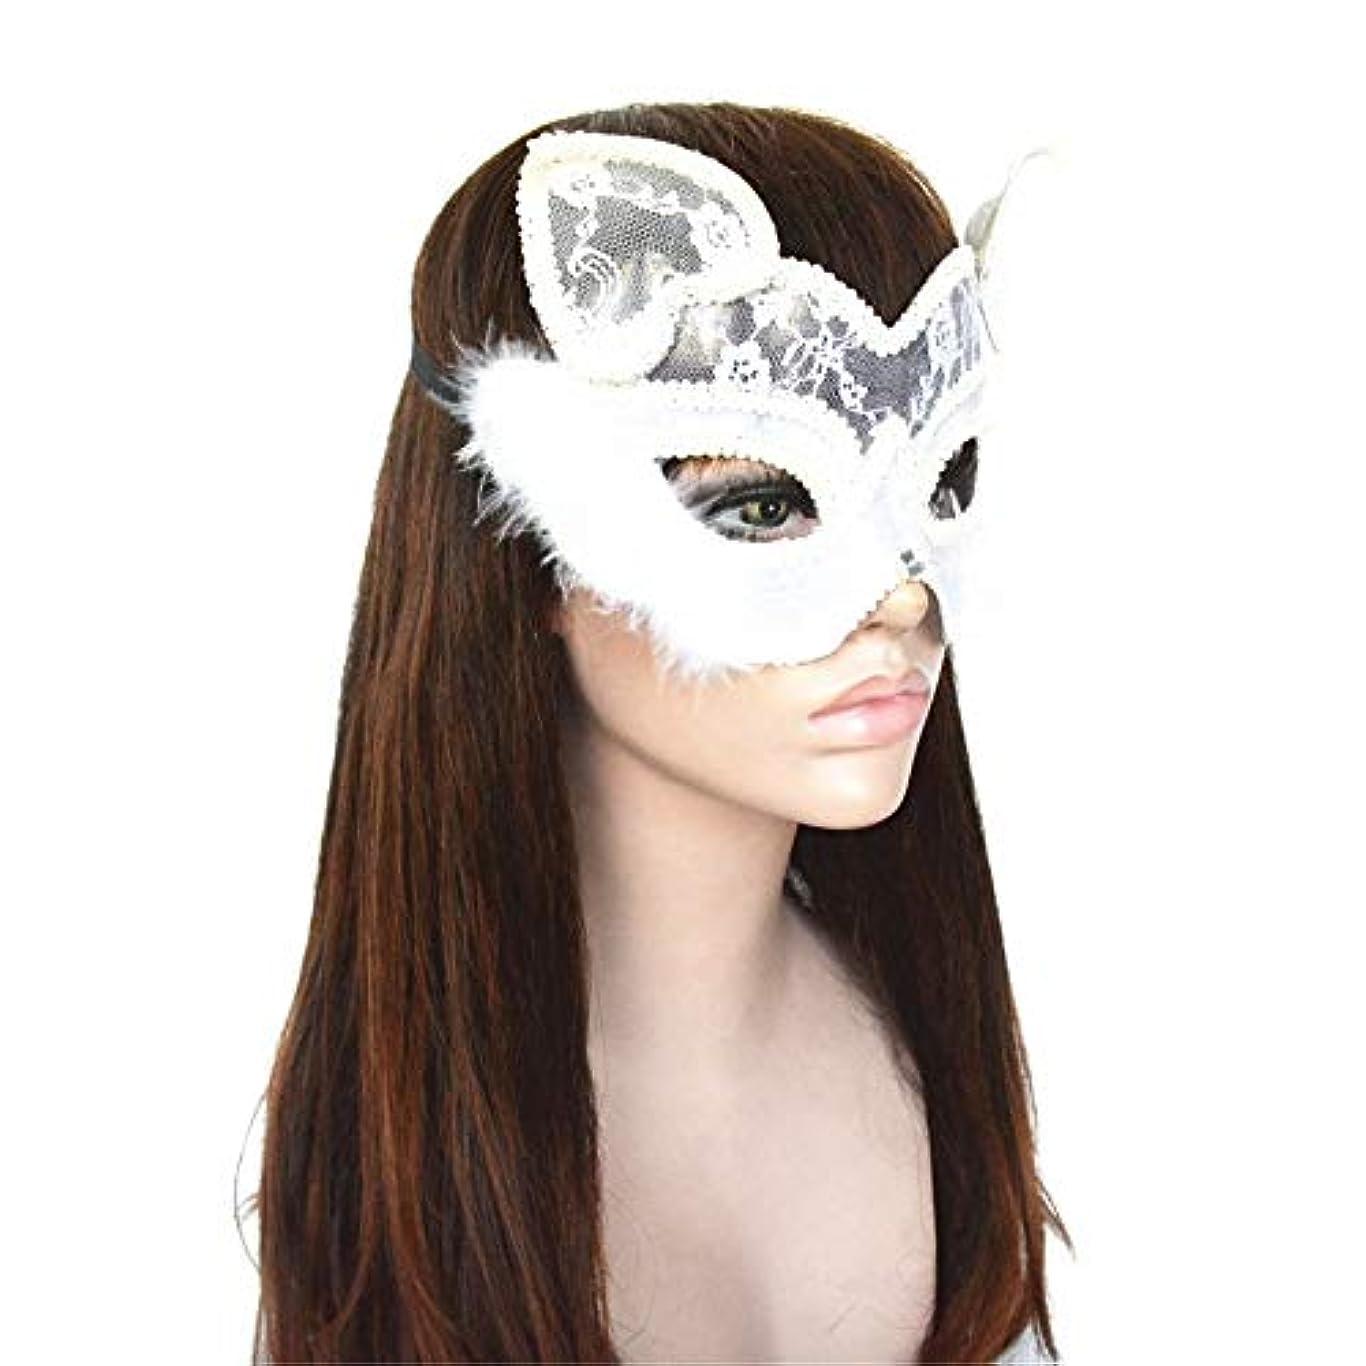 崖死すべき照らすダンスマスク レース楽しい女性動物猫顔ポリ塩化ビニールハロウィンマスククリスマス製品コスプレナイトクラブパーティーマスク ホリデーパーティー用品 (色 : 白, サイズ : 19x15.5cm)